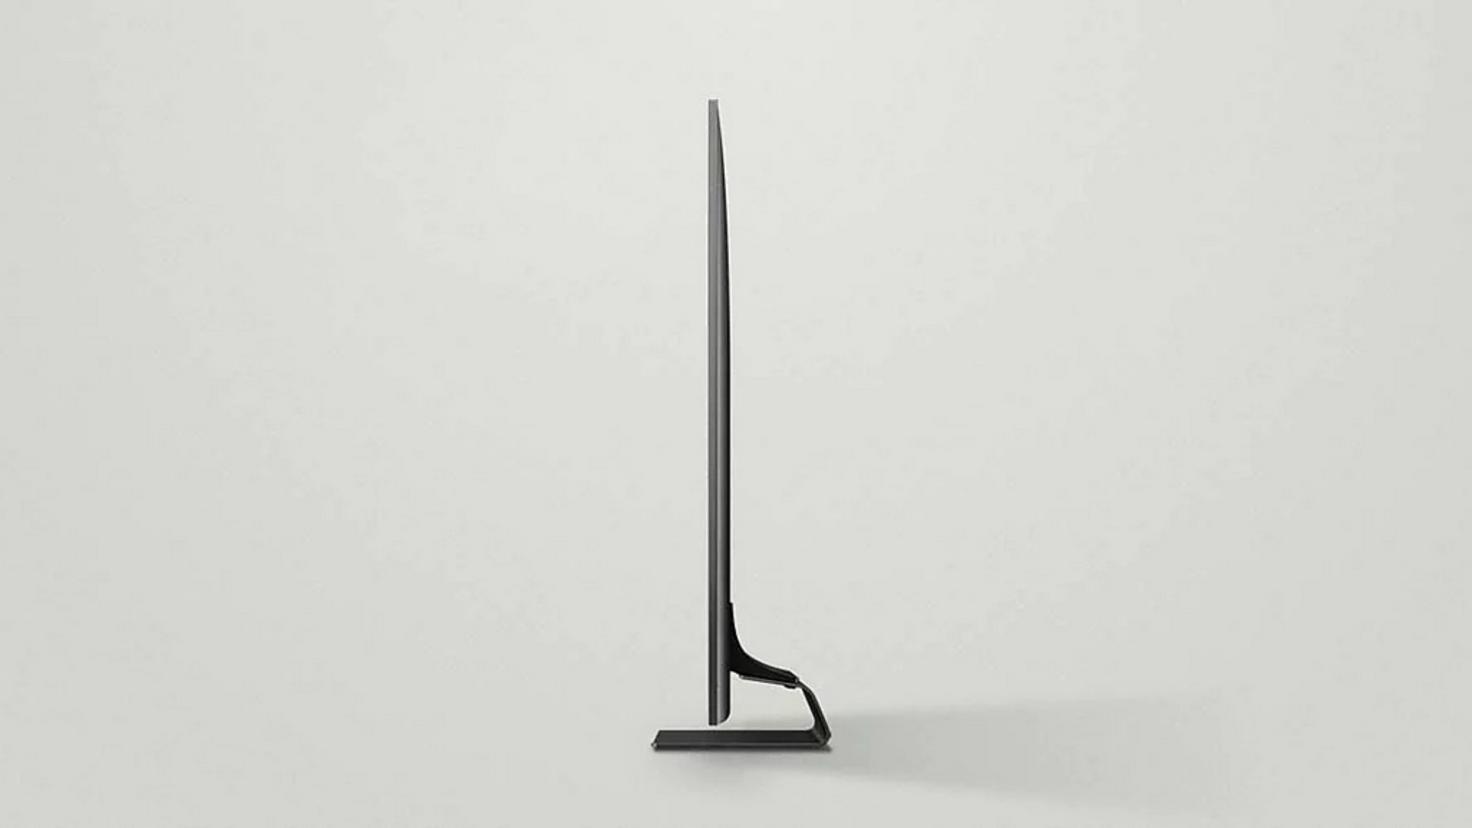 Samsung-Neo-QLED-QN95A-05